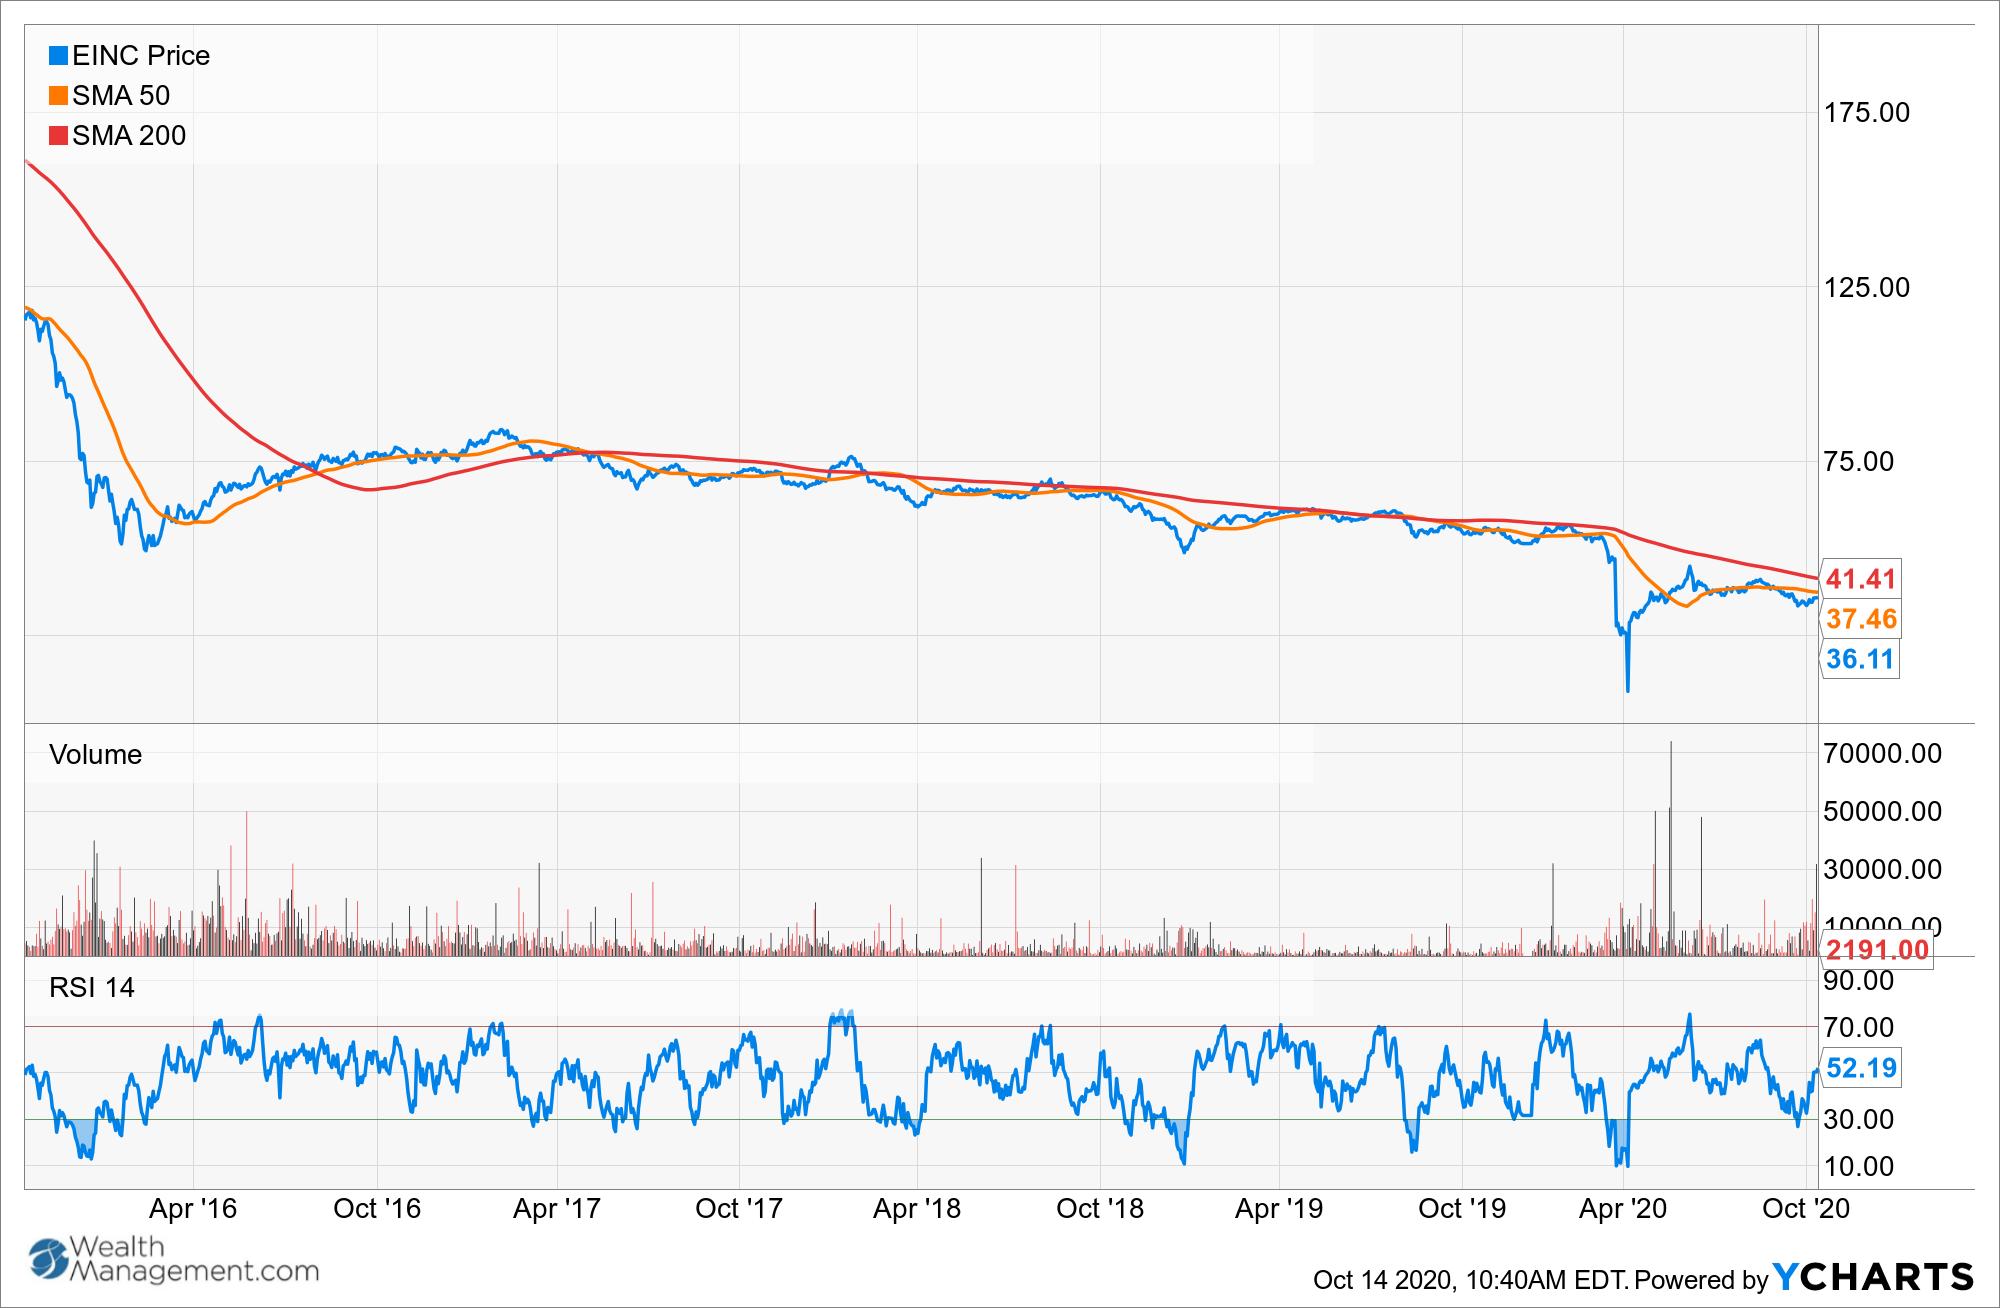 EINC Chart